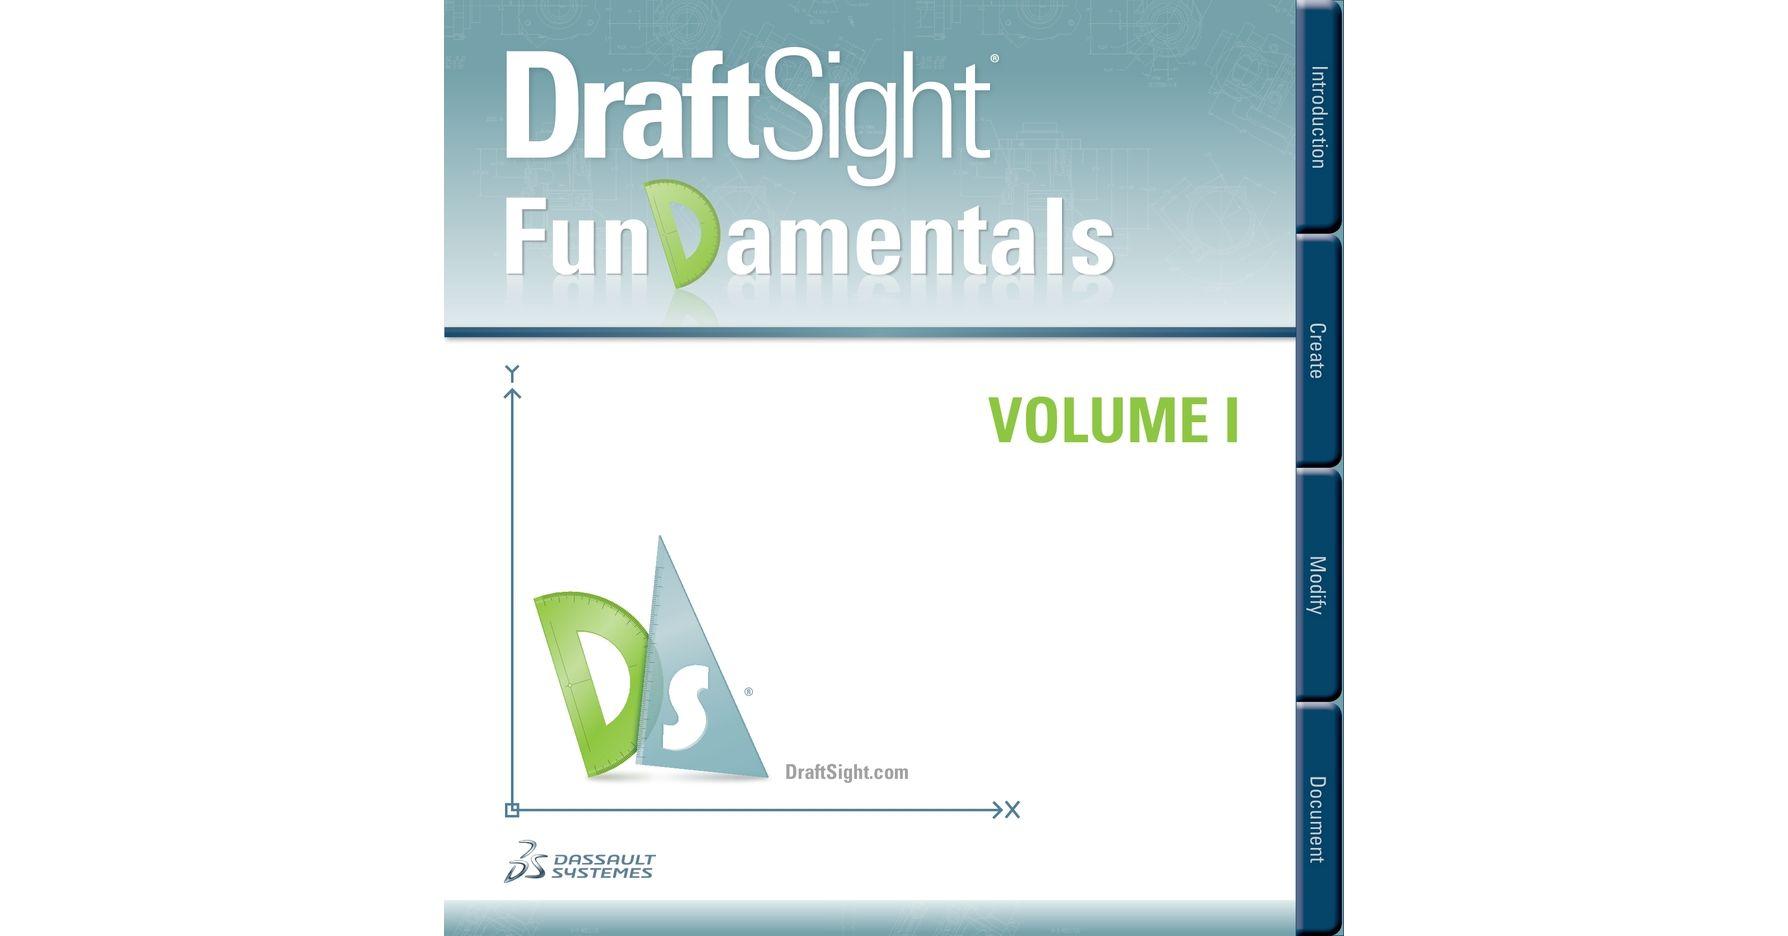 DraftSight Fundamentals